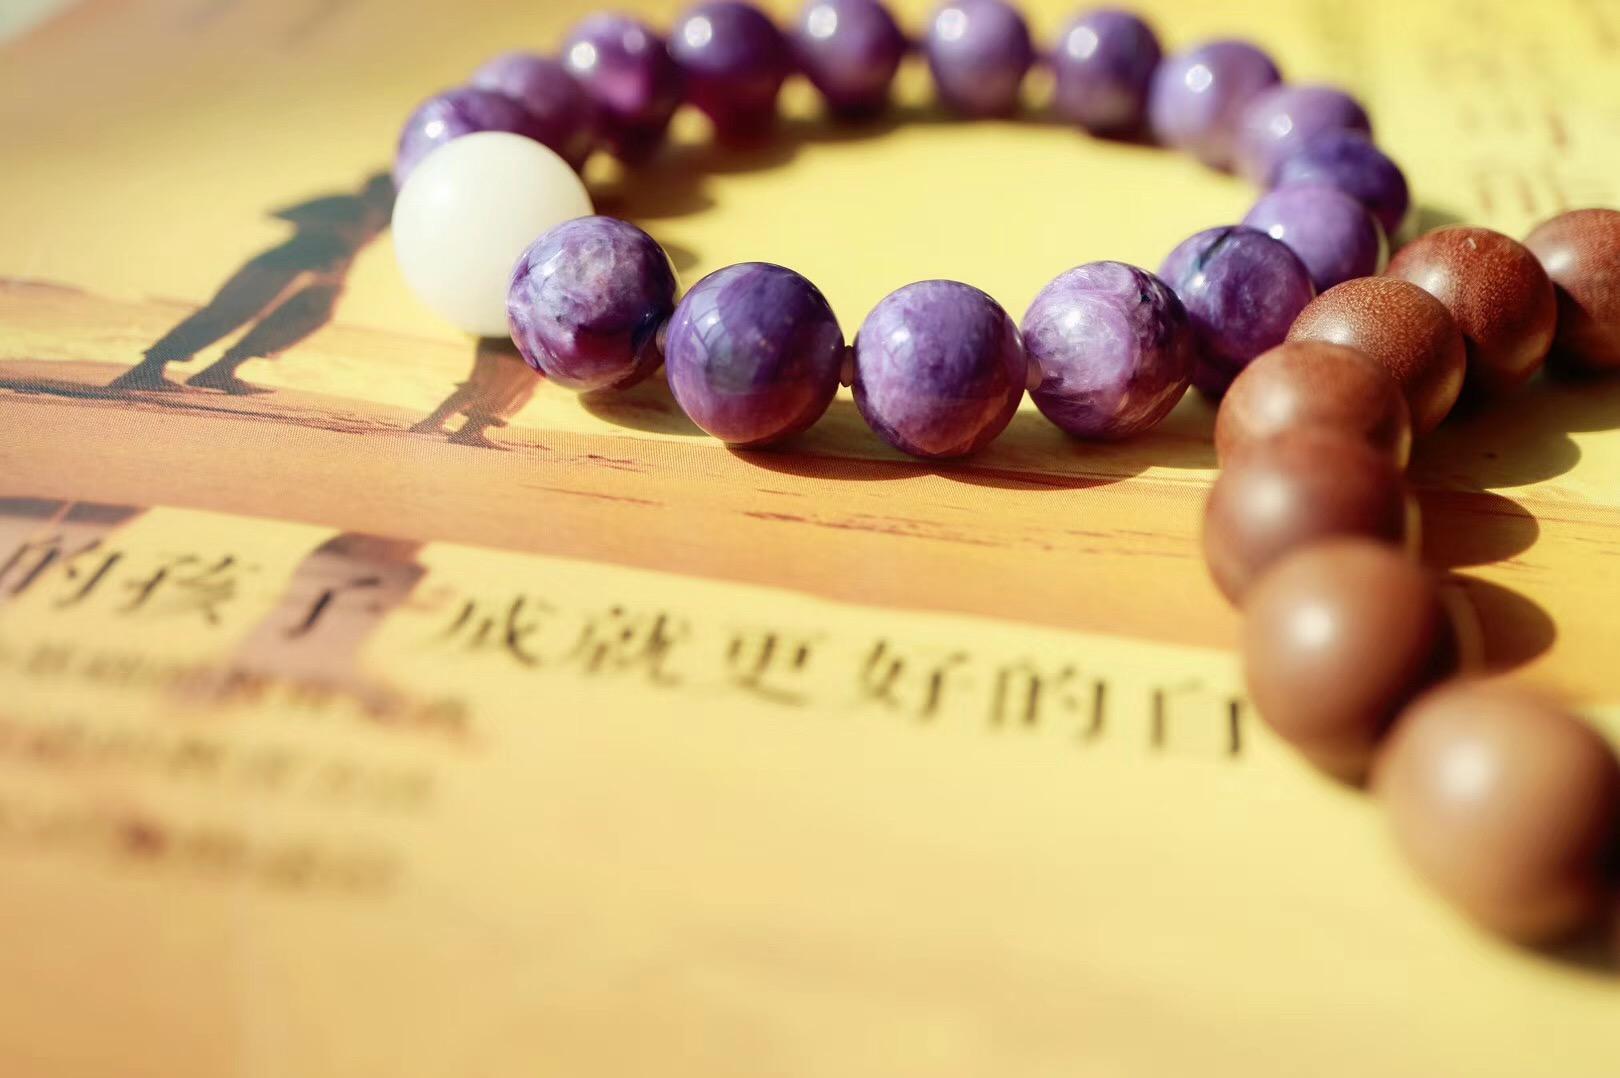 【紫龙晶   老山檀】紫龙晶有助于开发智慧,带来慈悲、灵性与幽默-菩心晶舍